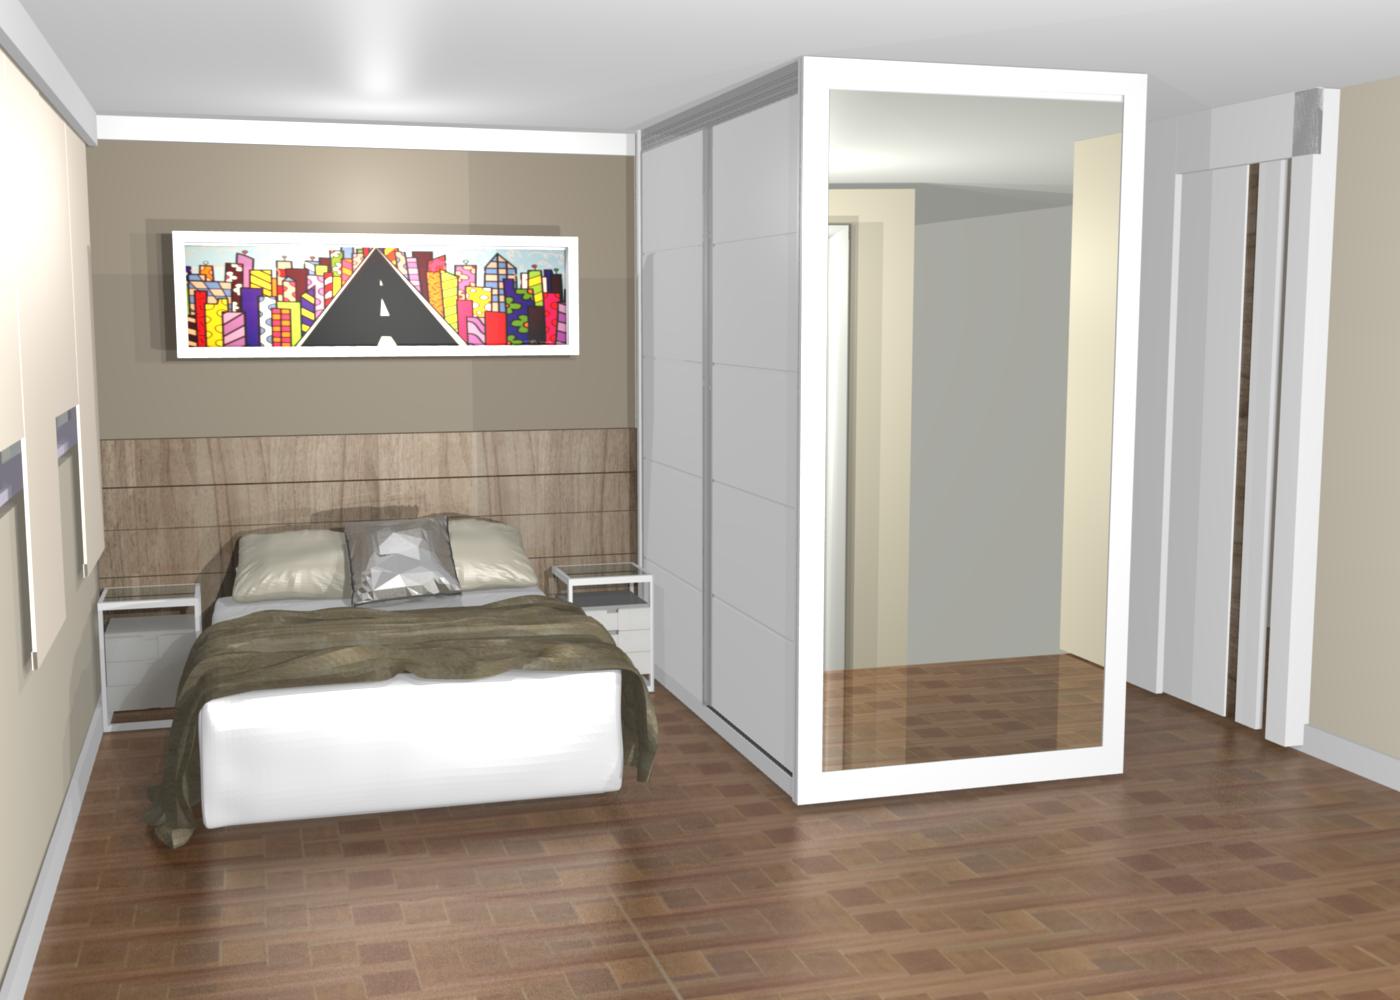 3D MARCENARIA PORTAS DE CORRER HOME THEATER CLOSET ARMÁRIOS COZINHAS  #B8AC13 1400 1000